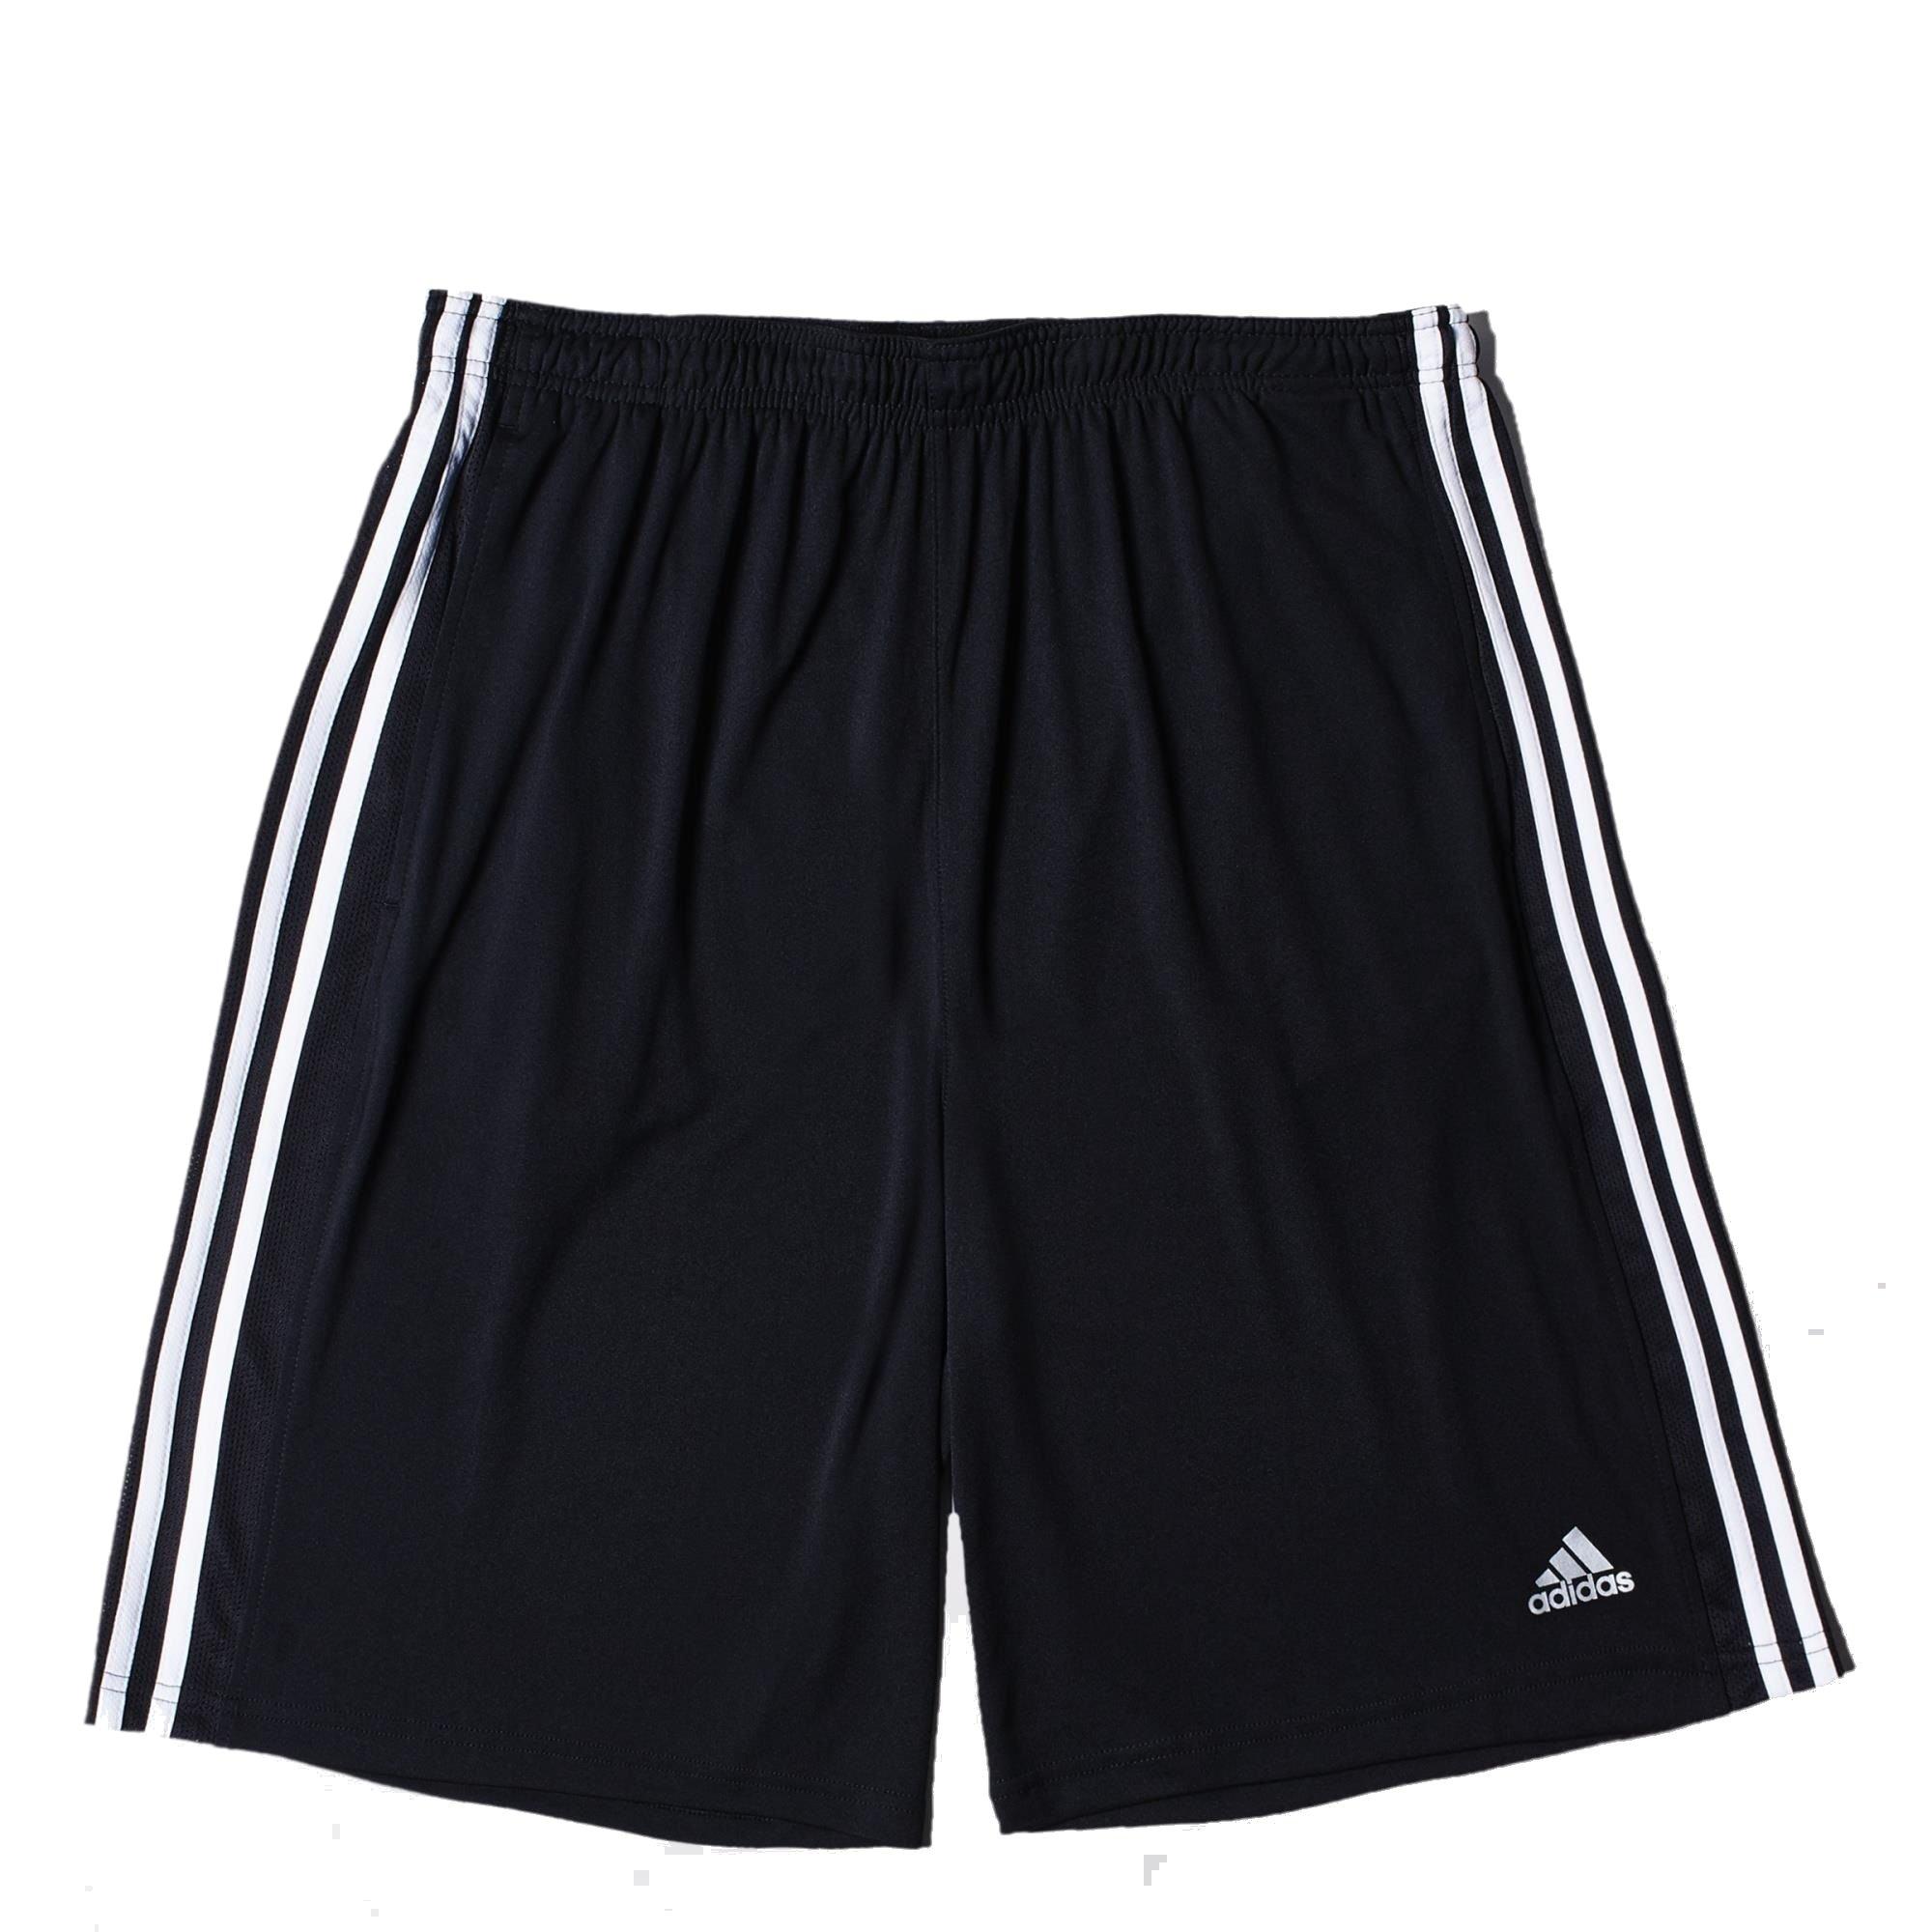 Adidas Mens Climalite 3 Stripes Knit Training Shorts Black White Medium by adidas